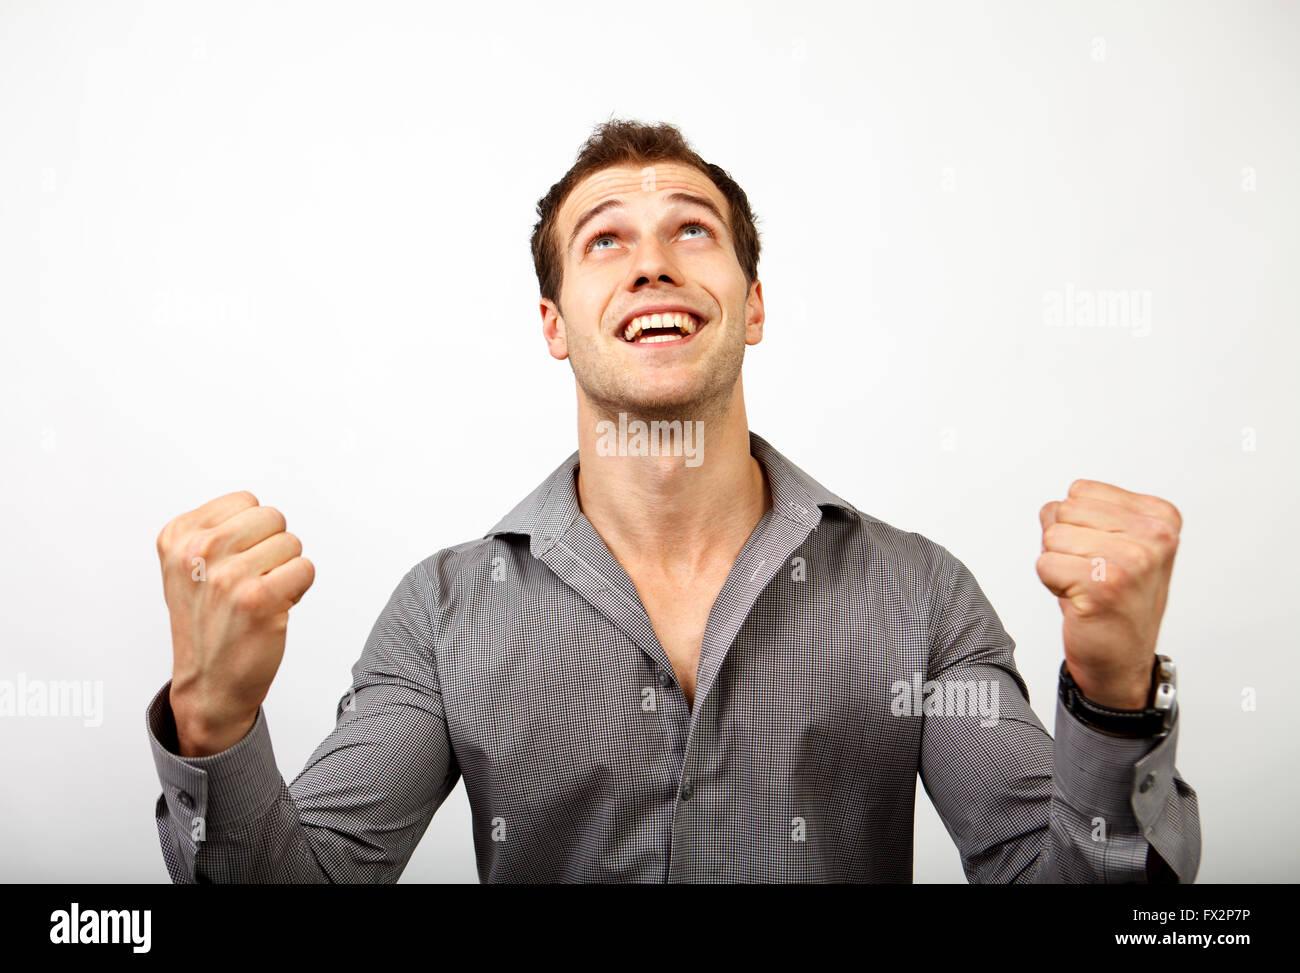 Heureux homme gagnant l'expression de victoire et de réussite. L'homme d'affaires réussi isolé Photo Stock